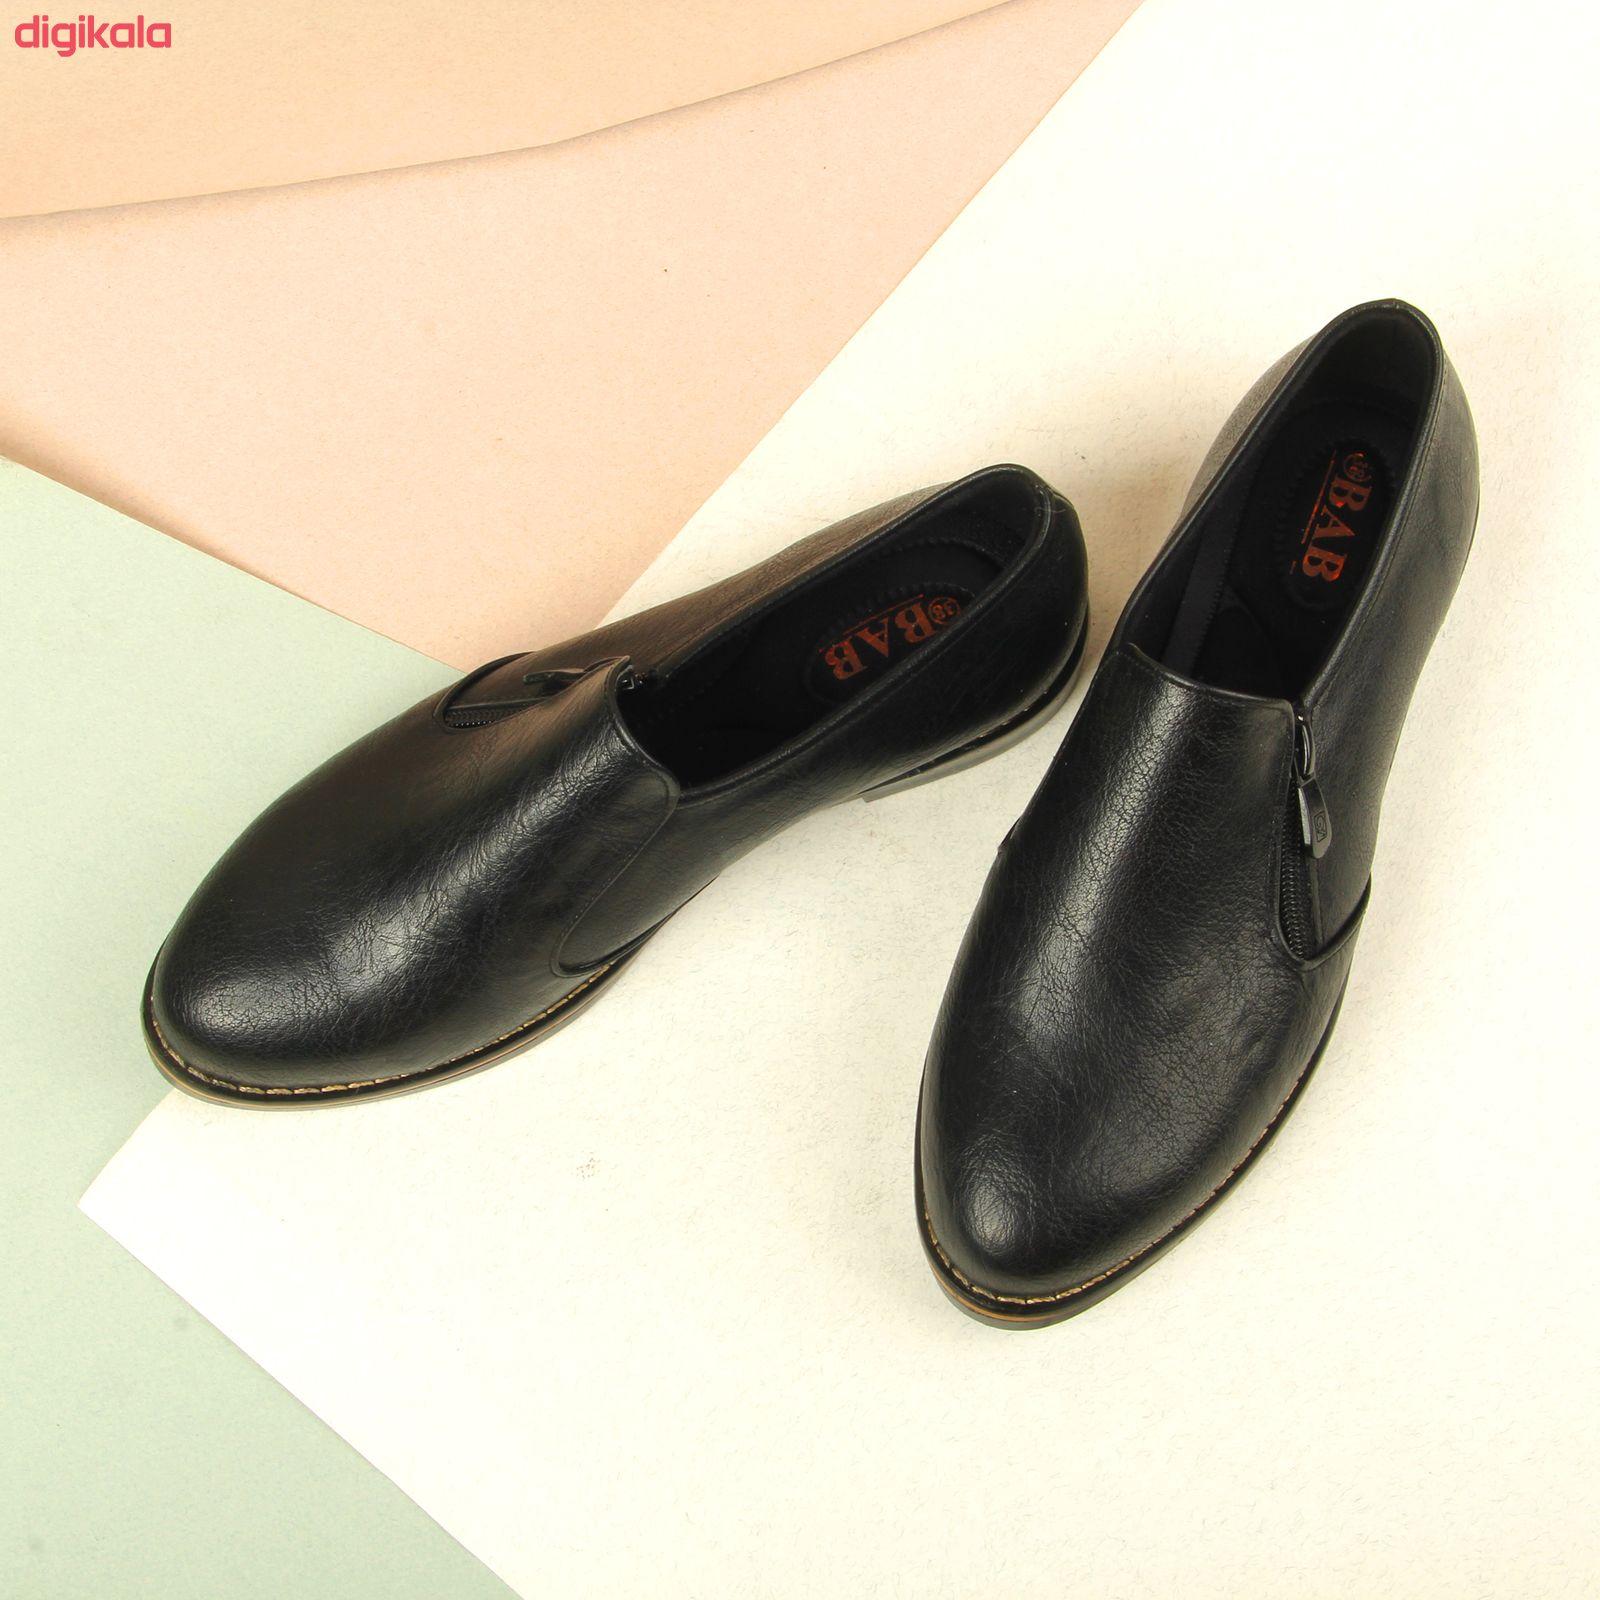 ست کیف و کفش زنانه BAB مدل ترنم کد 910-5 main 1 7